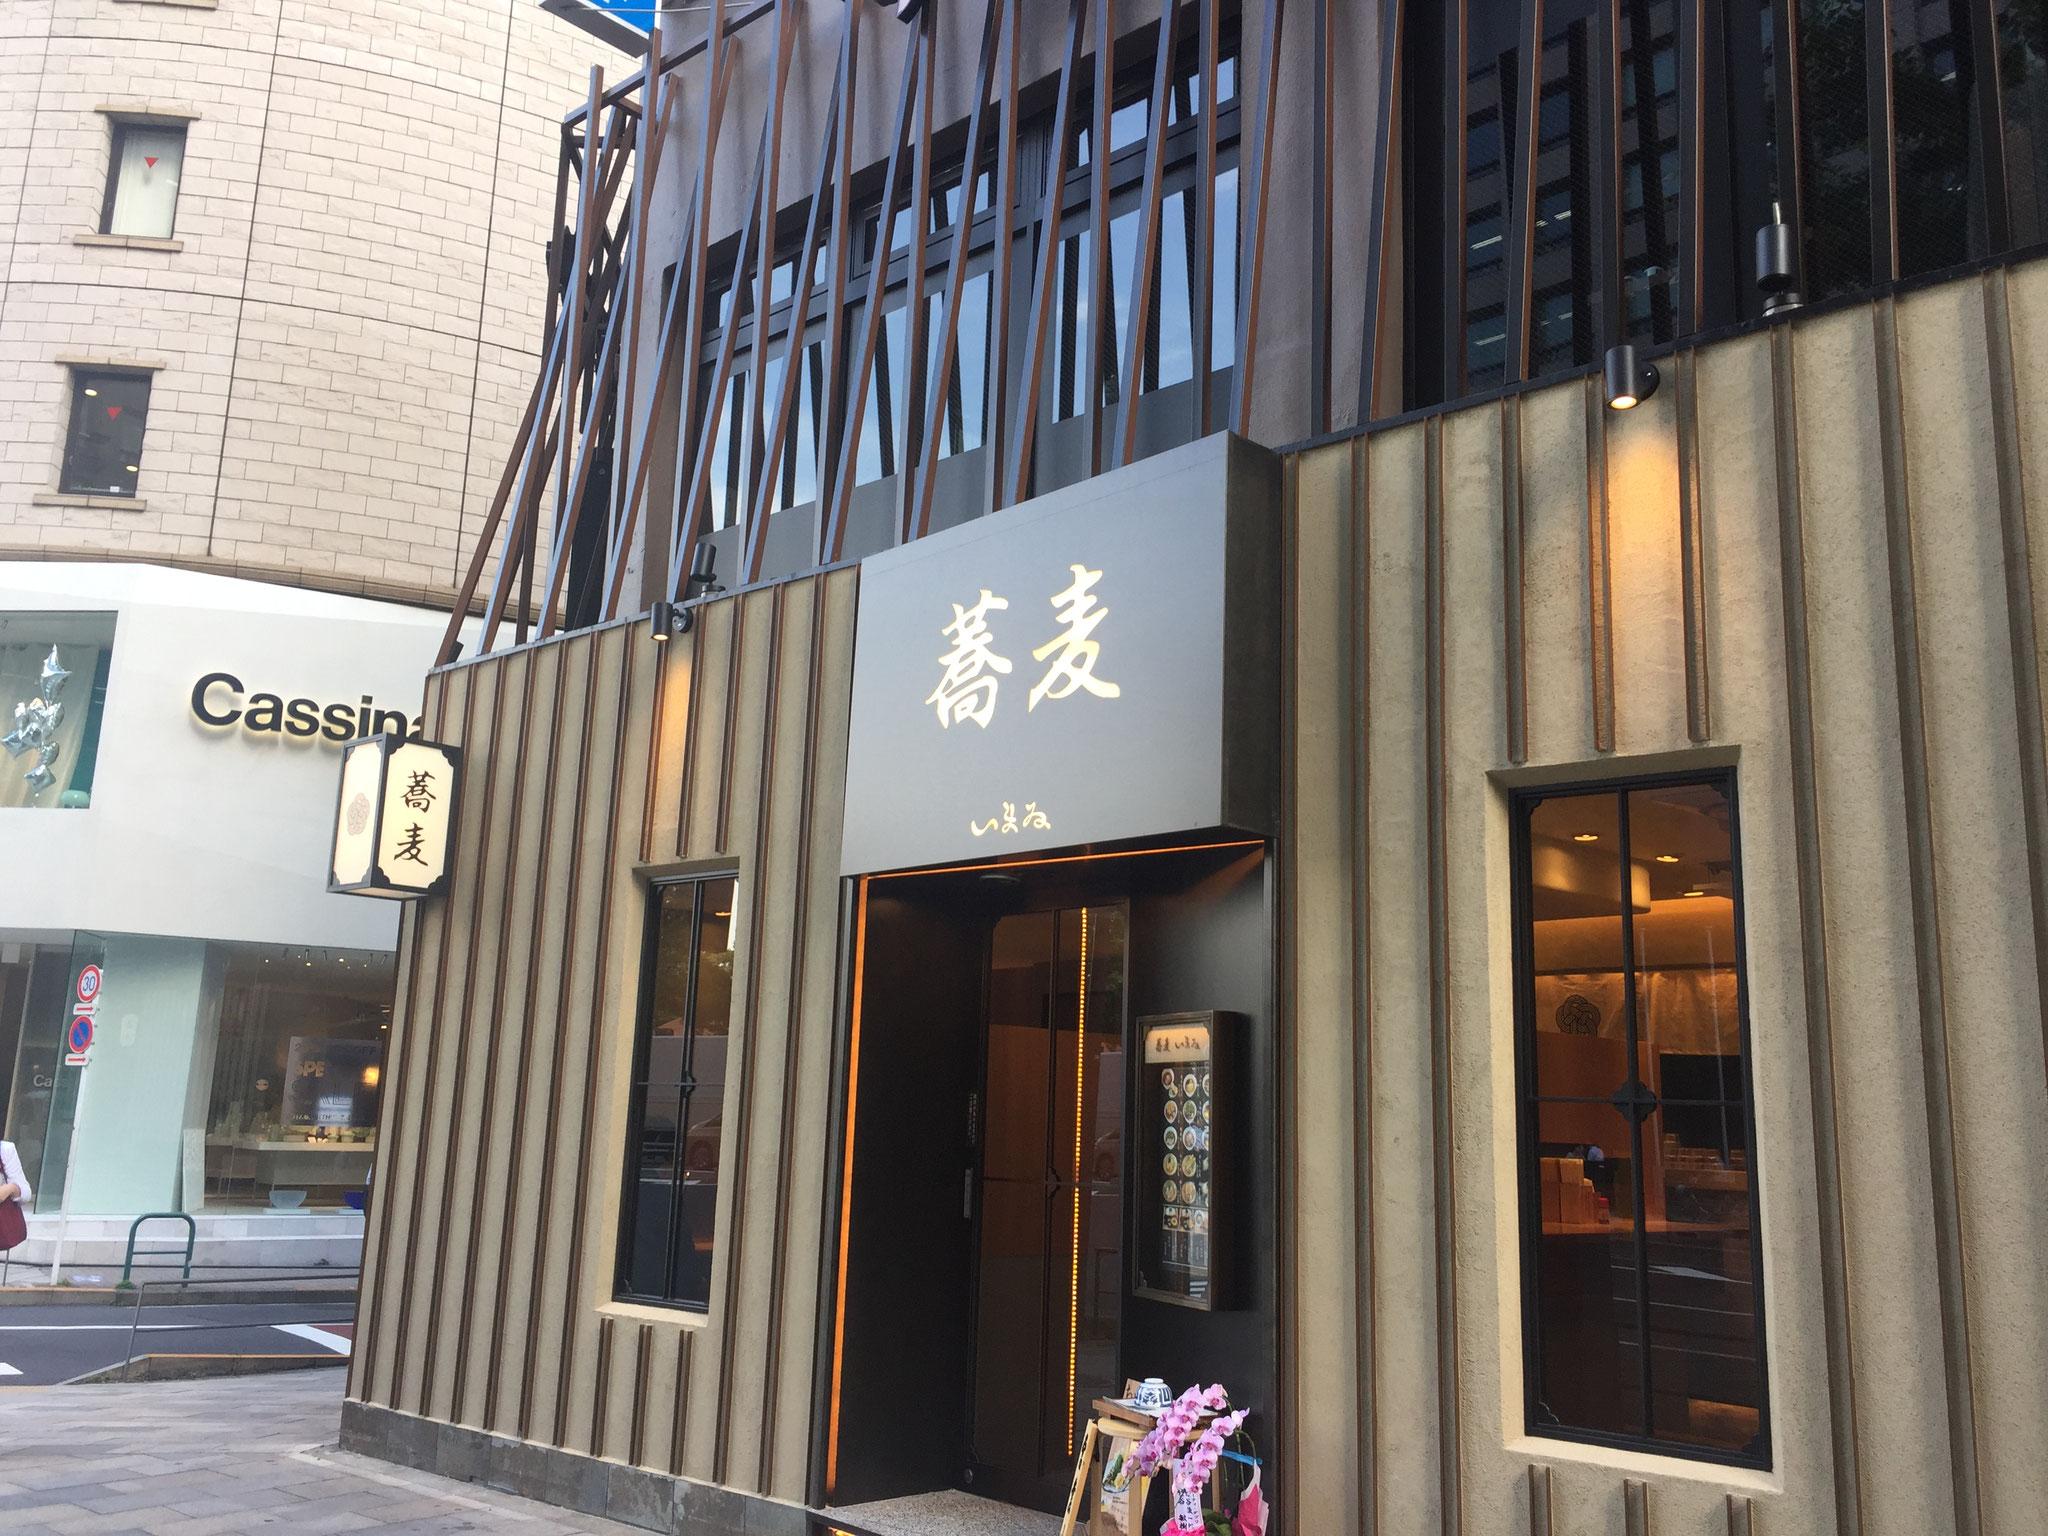 赤坂消防署入口交差点、蕎麦屋の角を右(南)へ。